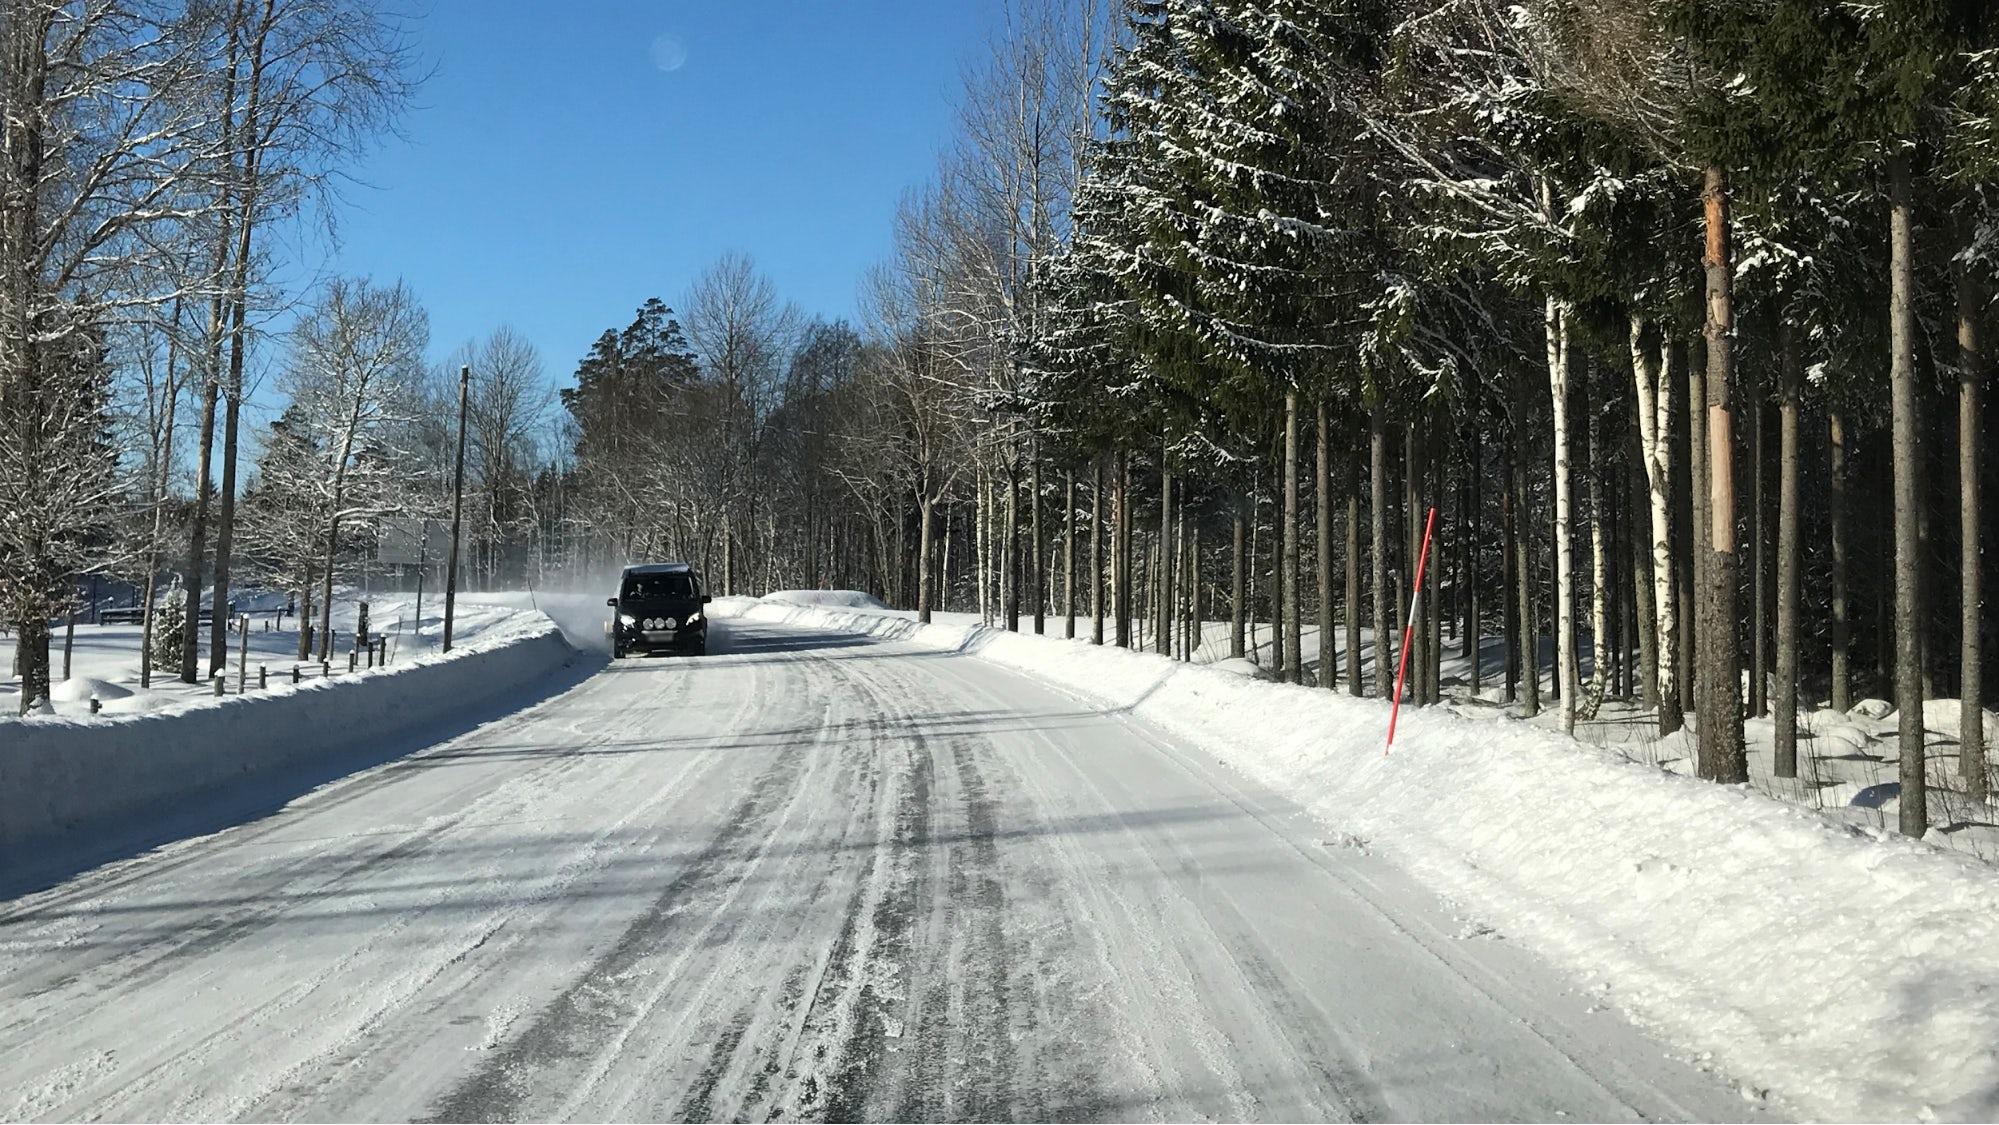 Mötande bil vid körning när det är vinterväglag.